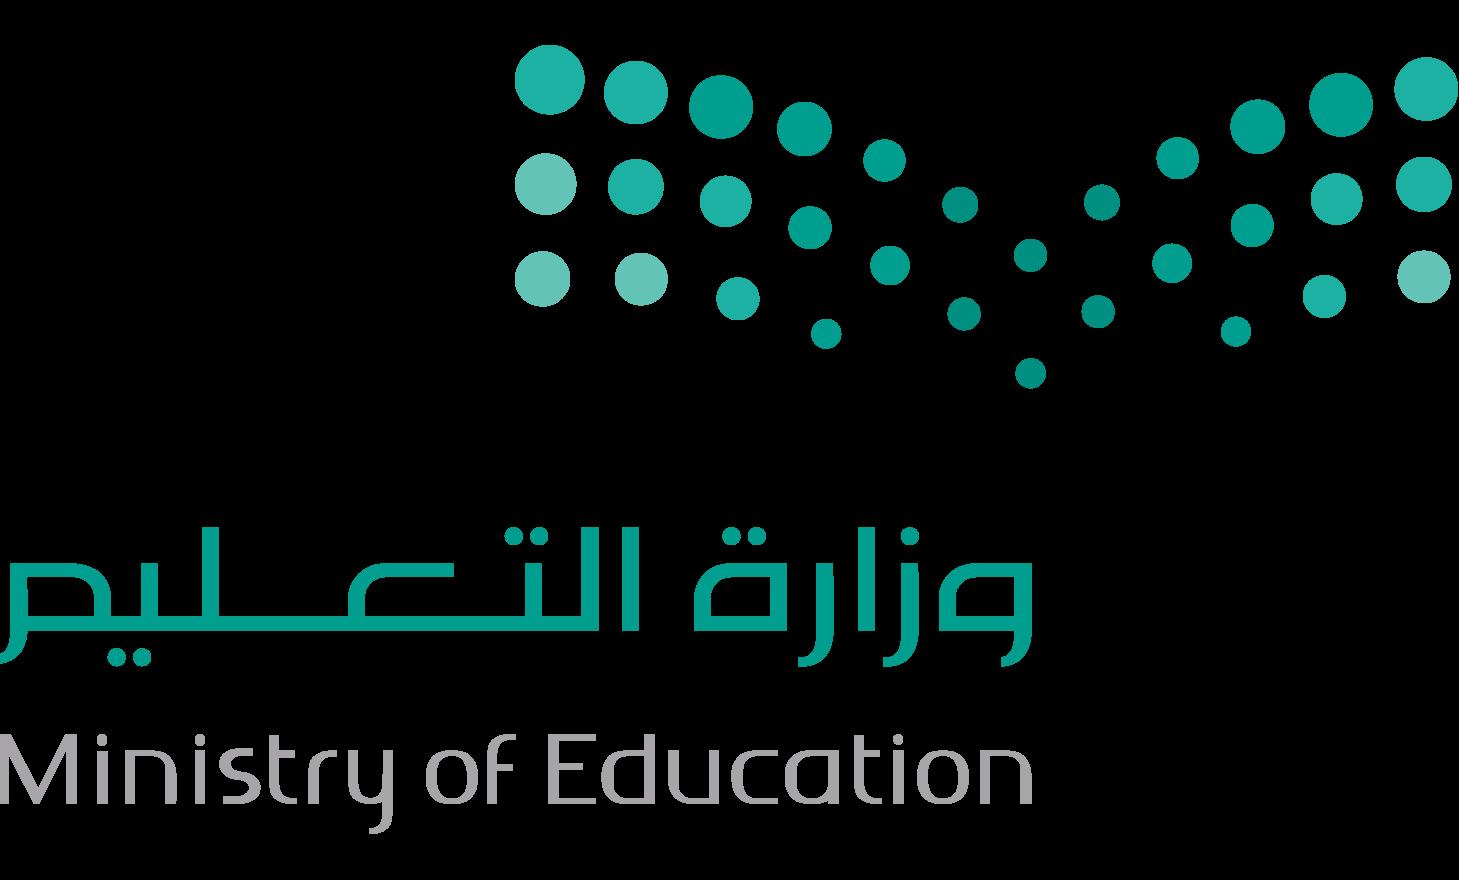 صور شعار التعليم مفرغ جديدة موسوعة